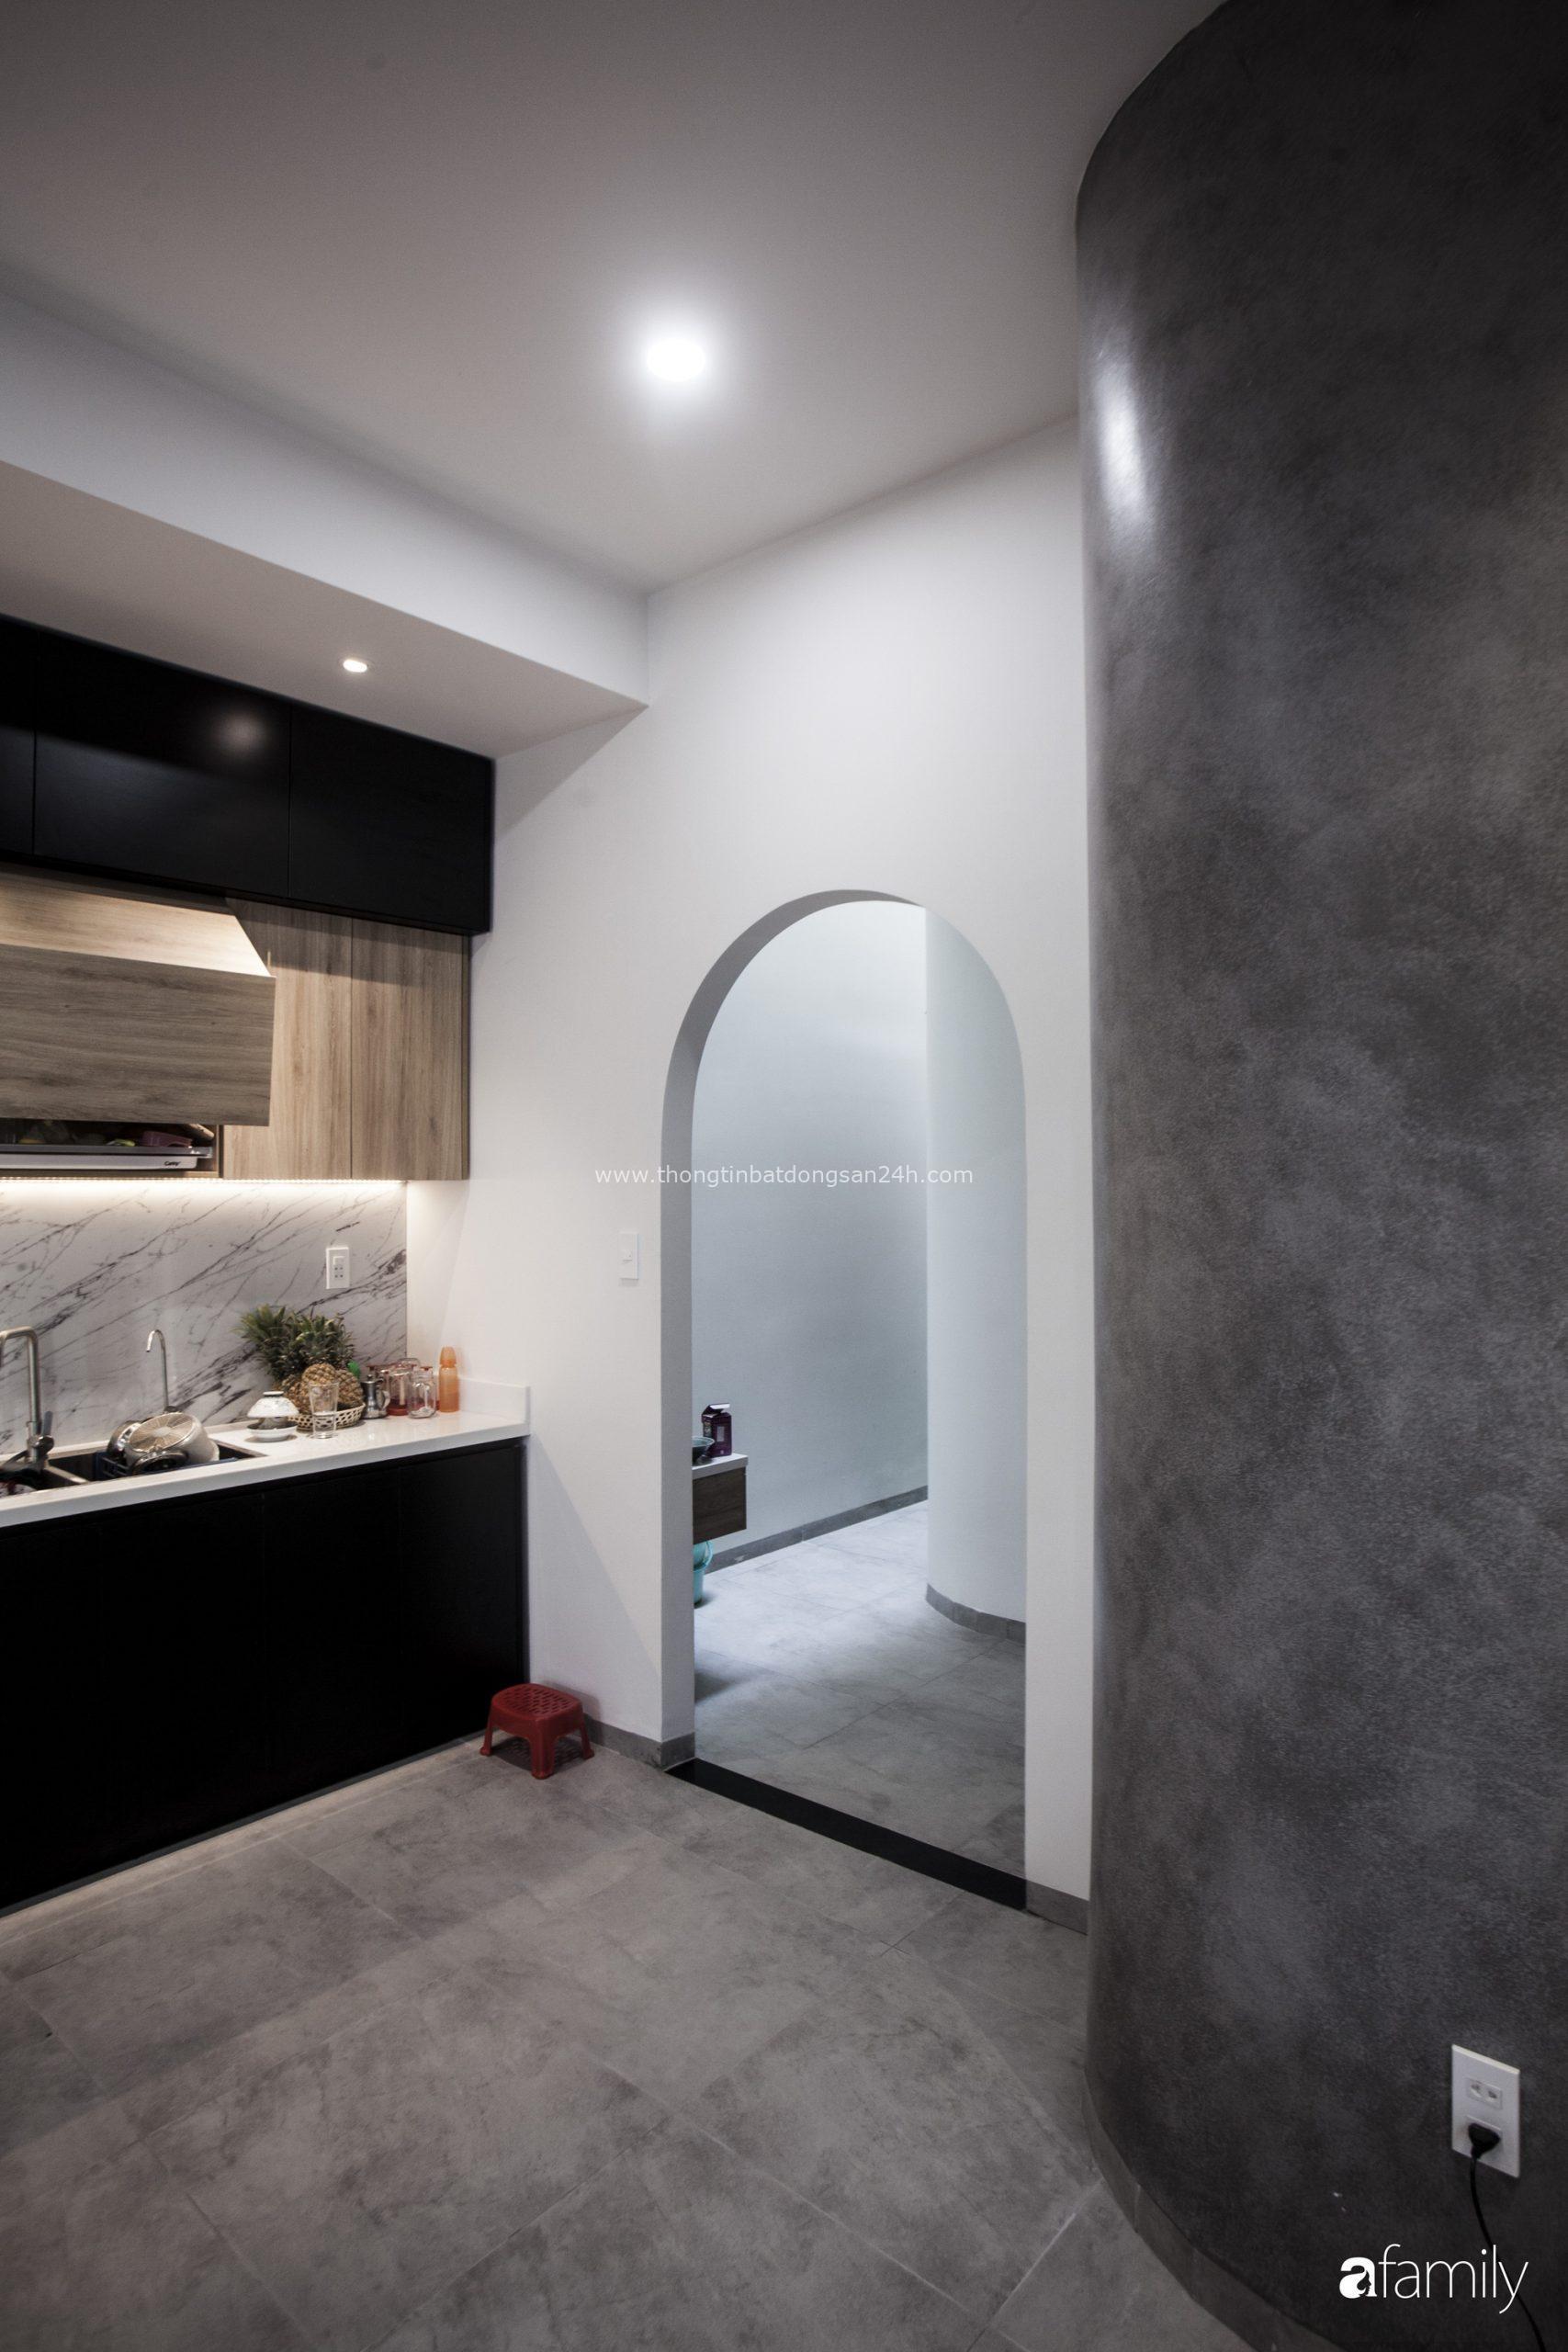 Ngôi nhà 2,5 tầng với tổng diện tích 240m2 đẹp sang trọng và tối giản ở Đà Nẵng - Ảnh 9.